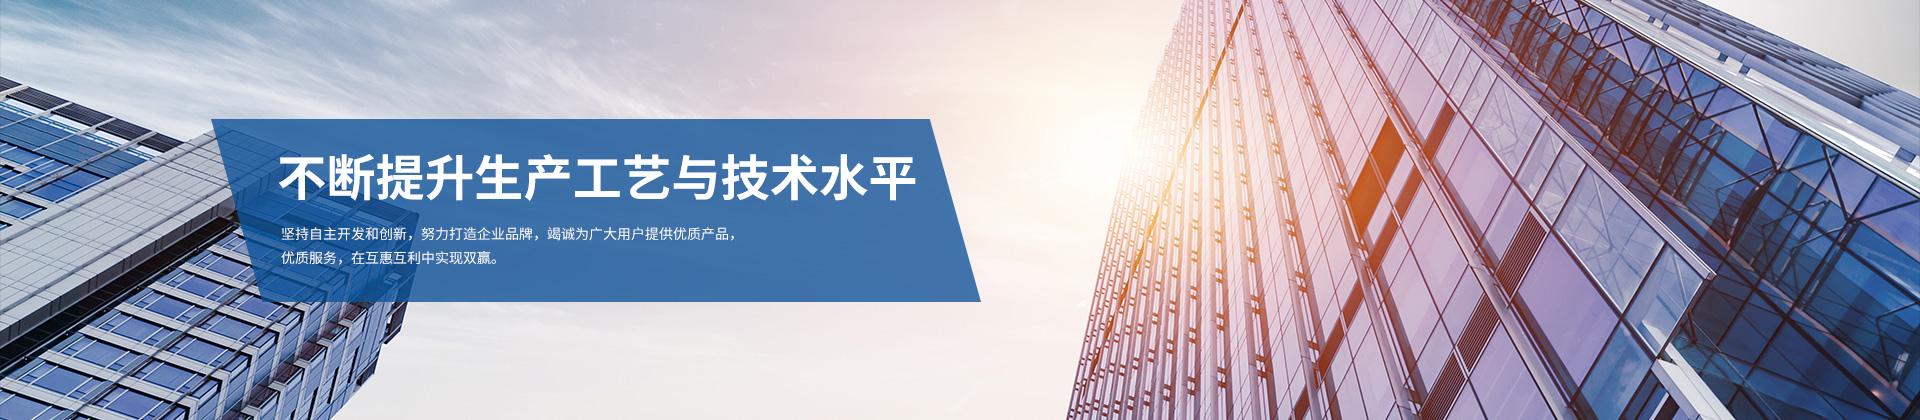 資陽晨風機電有限公司